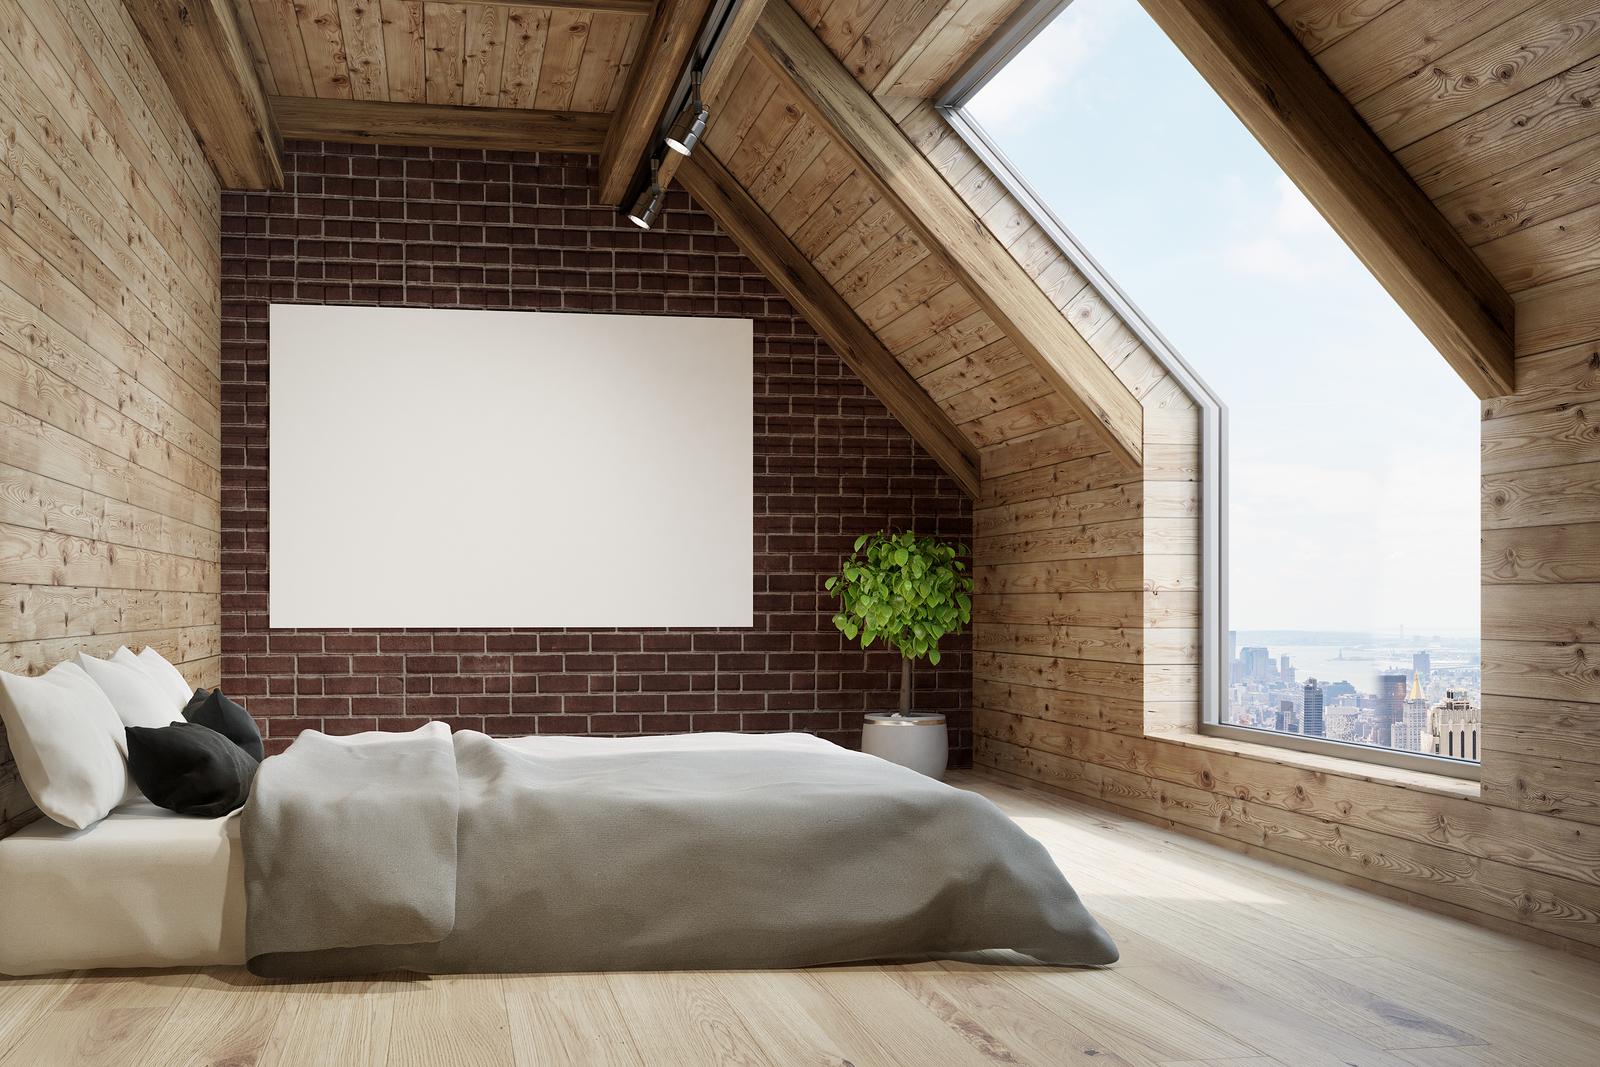 Sypialnia Na Poddaszu Sprawdź Jak Funkcjonalnie Ją Urządzić